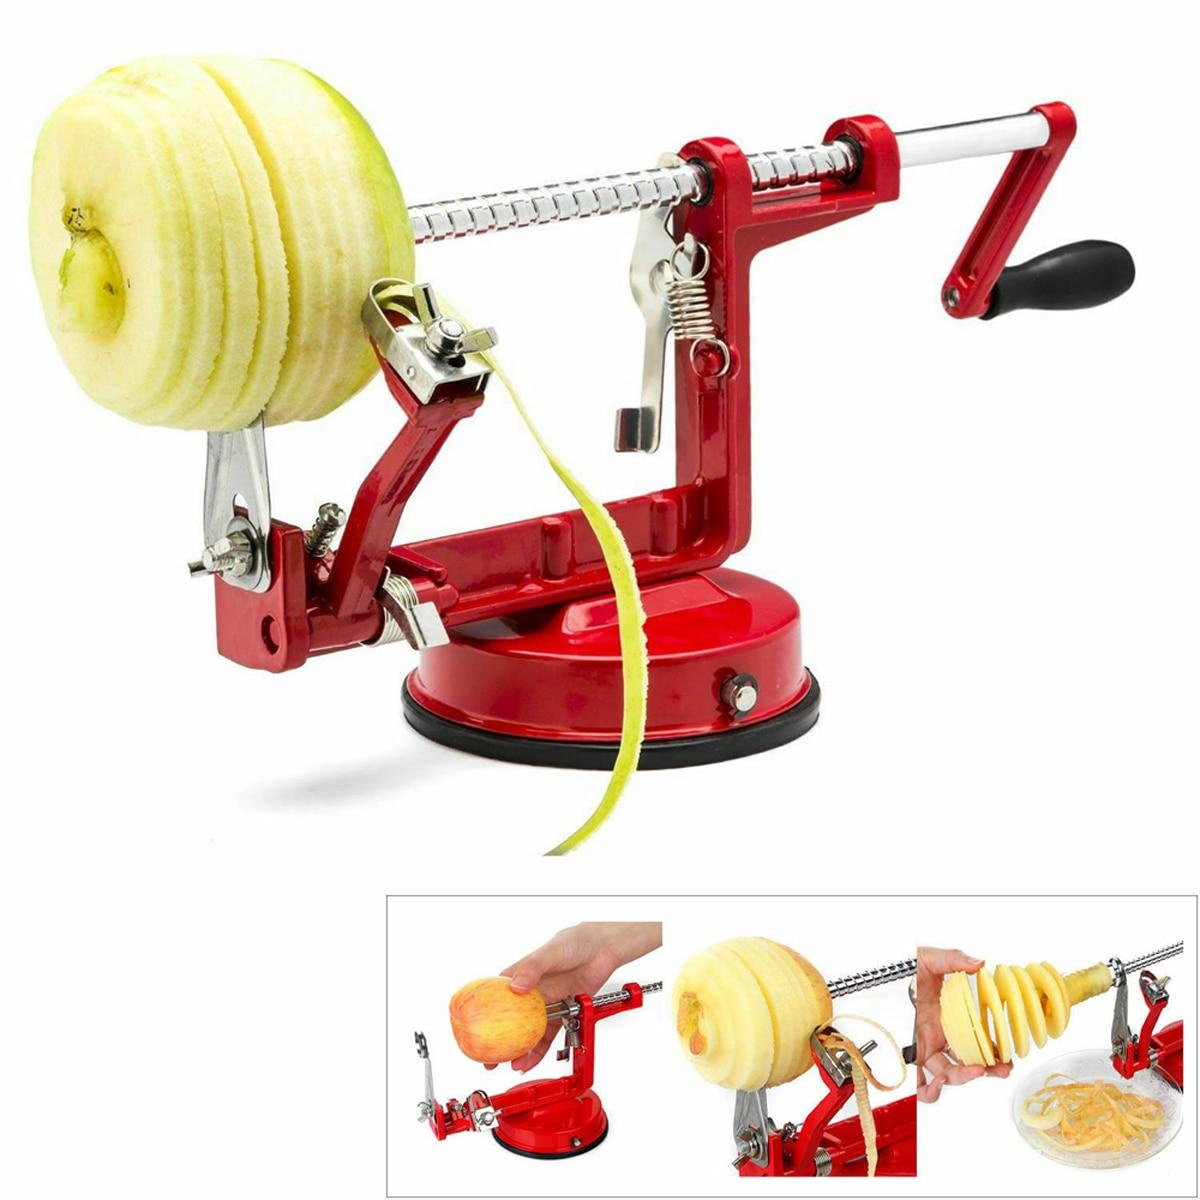 Owoce jabłko obieraczka Corer krajalnica Slinky maszyna nóż do ziemniaków narzędzie kuchenne 3 w 1